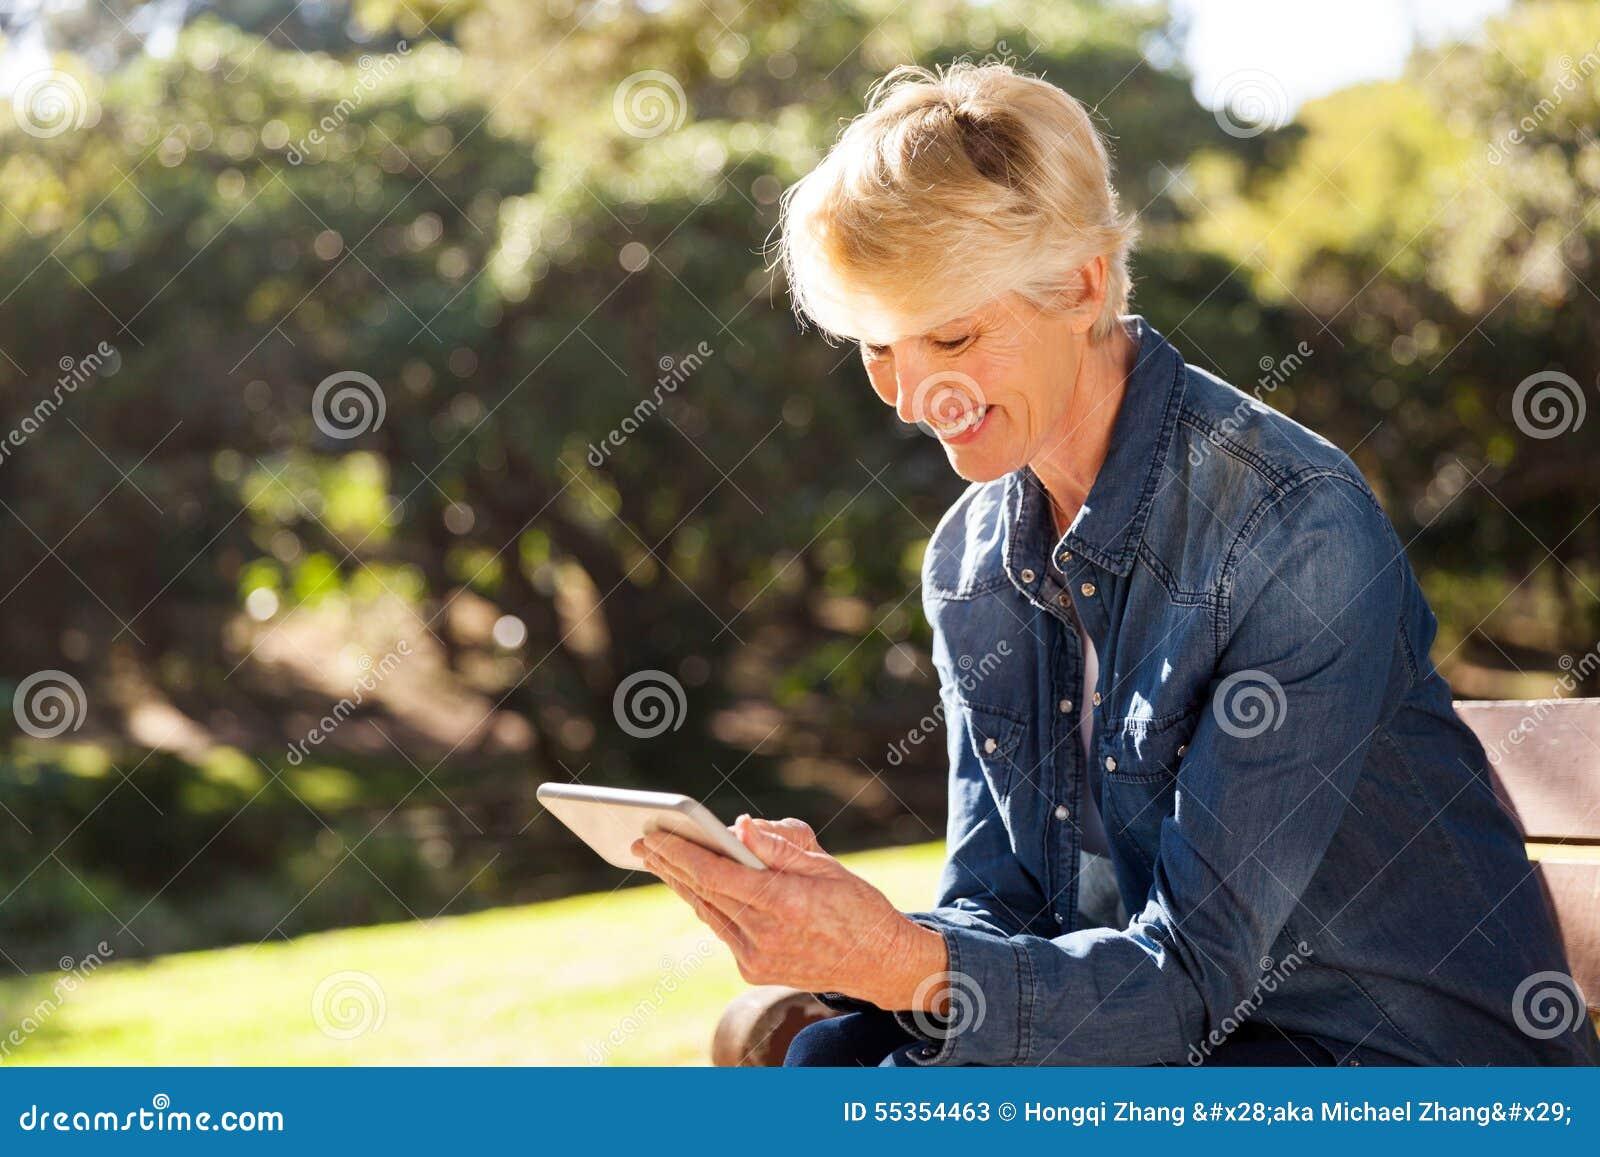 Smart Phone mandante un sms della donna